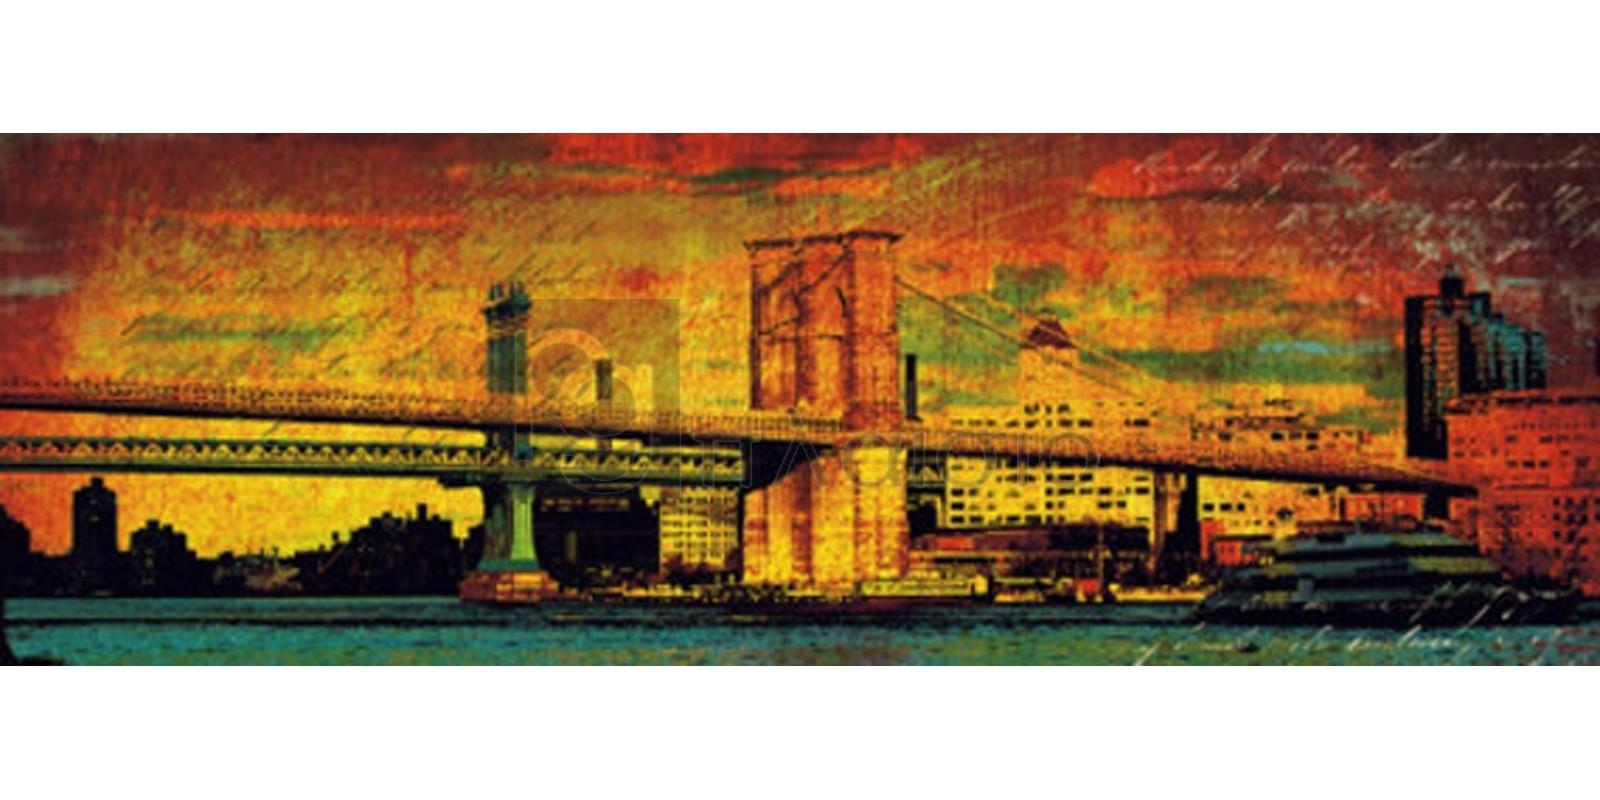 Julia Casey - New York Memories